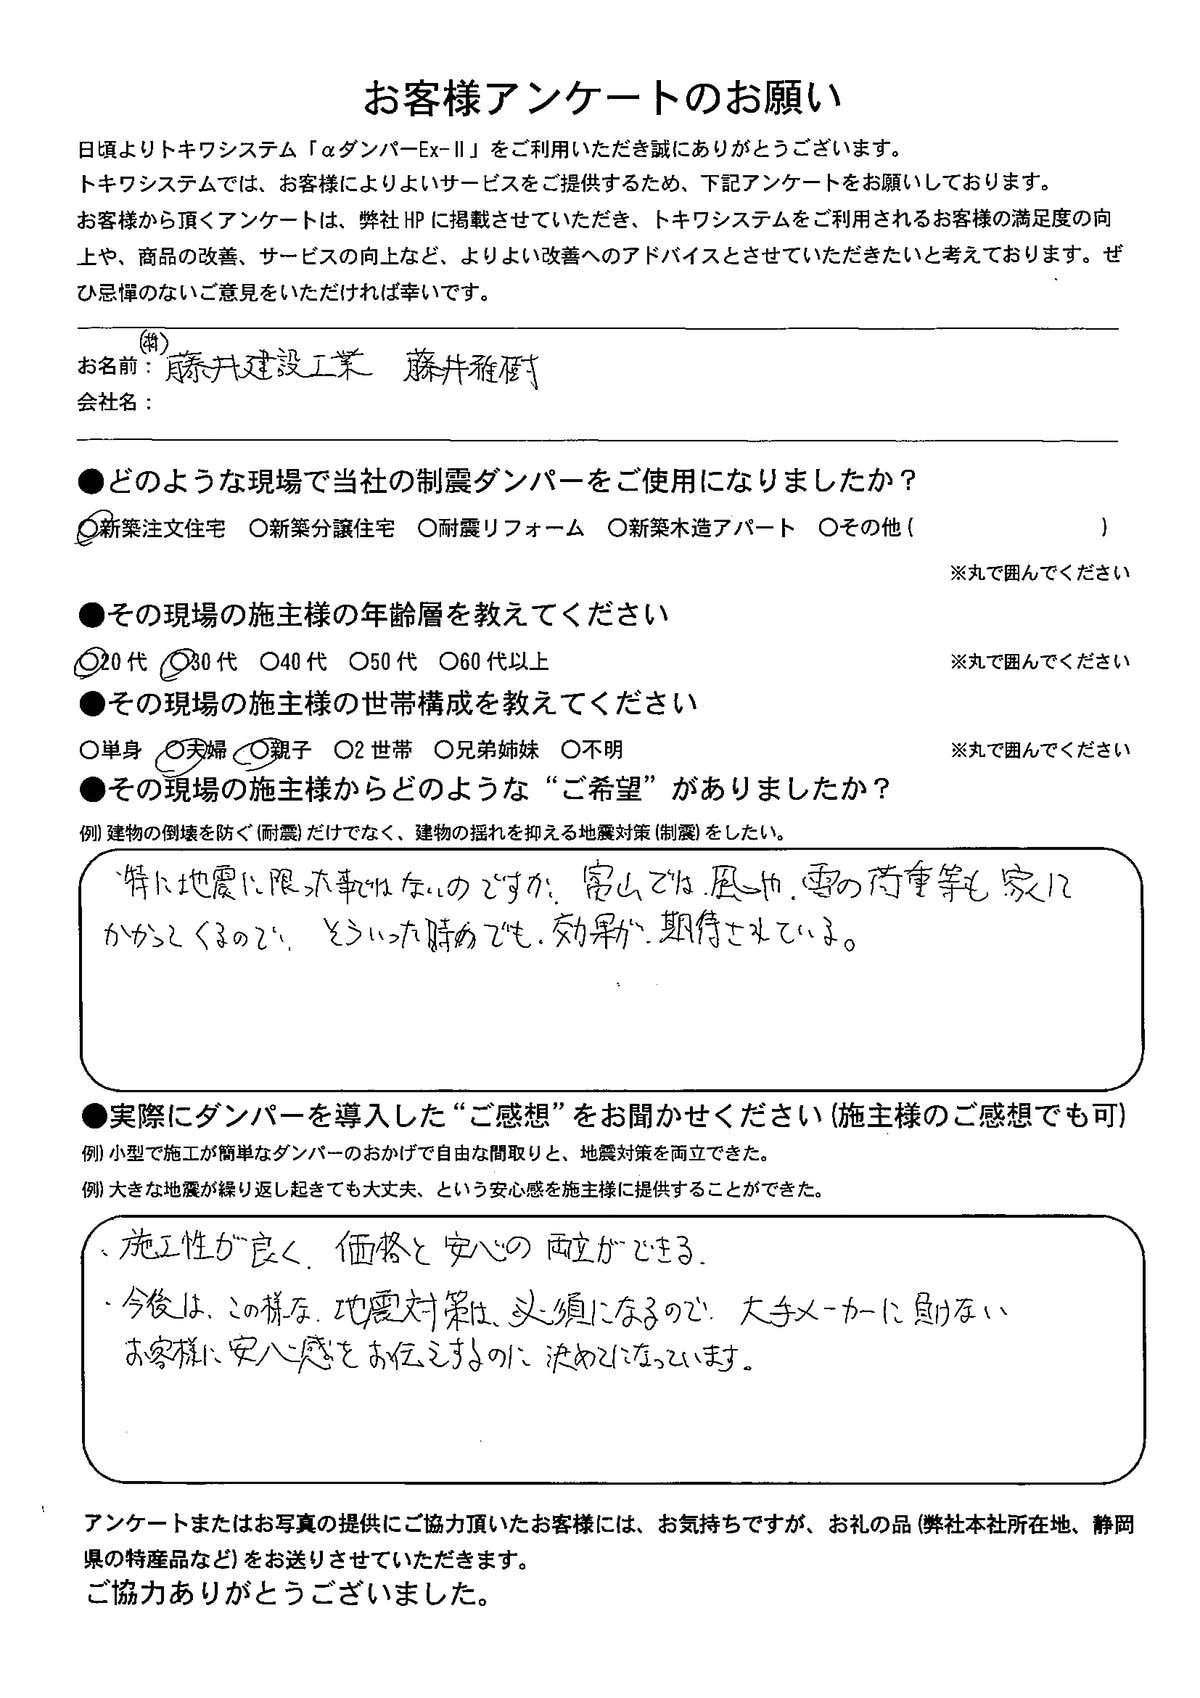 藤井建設工業お客様アンケート